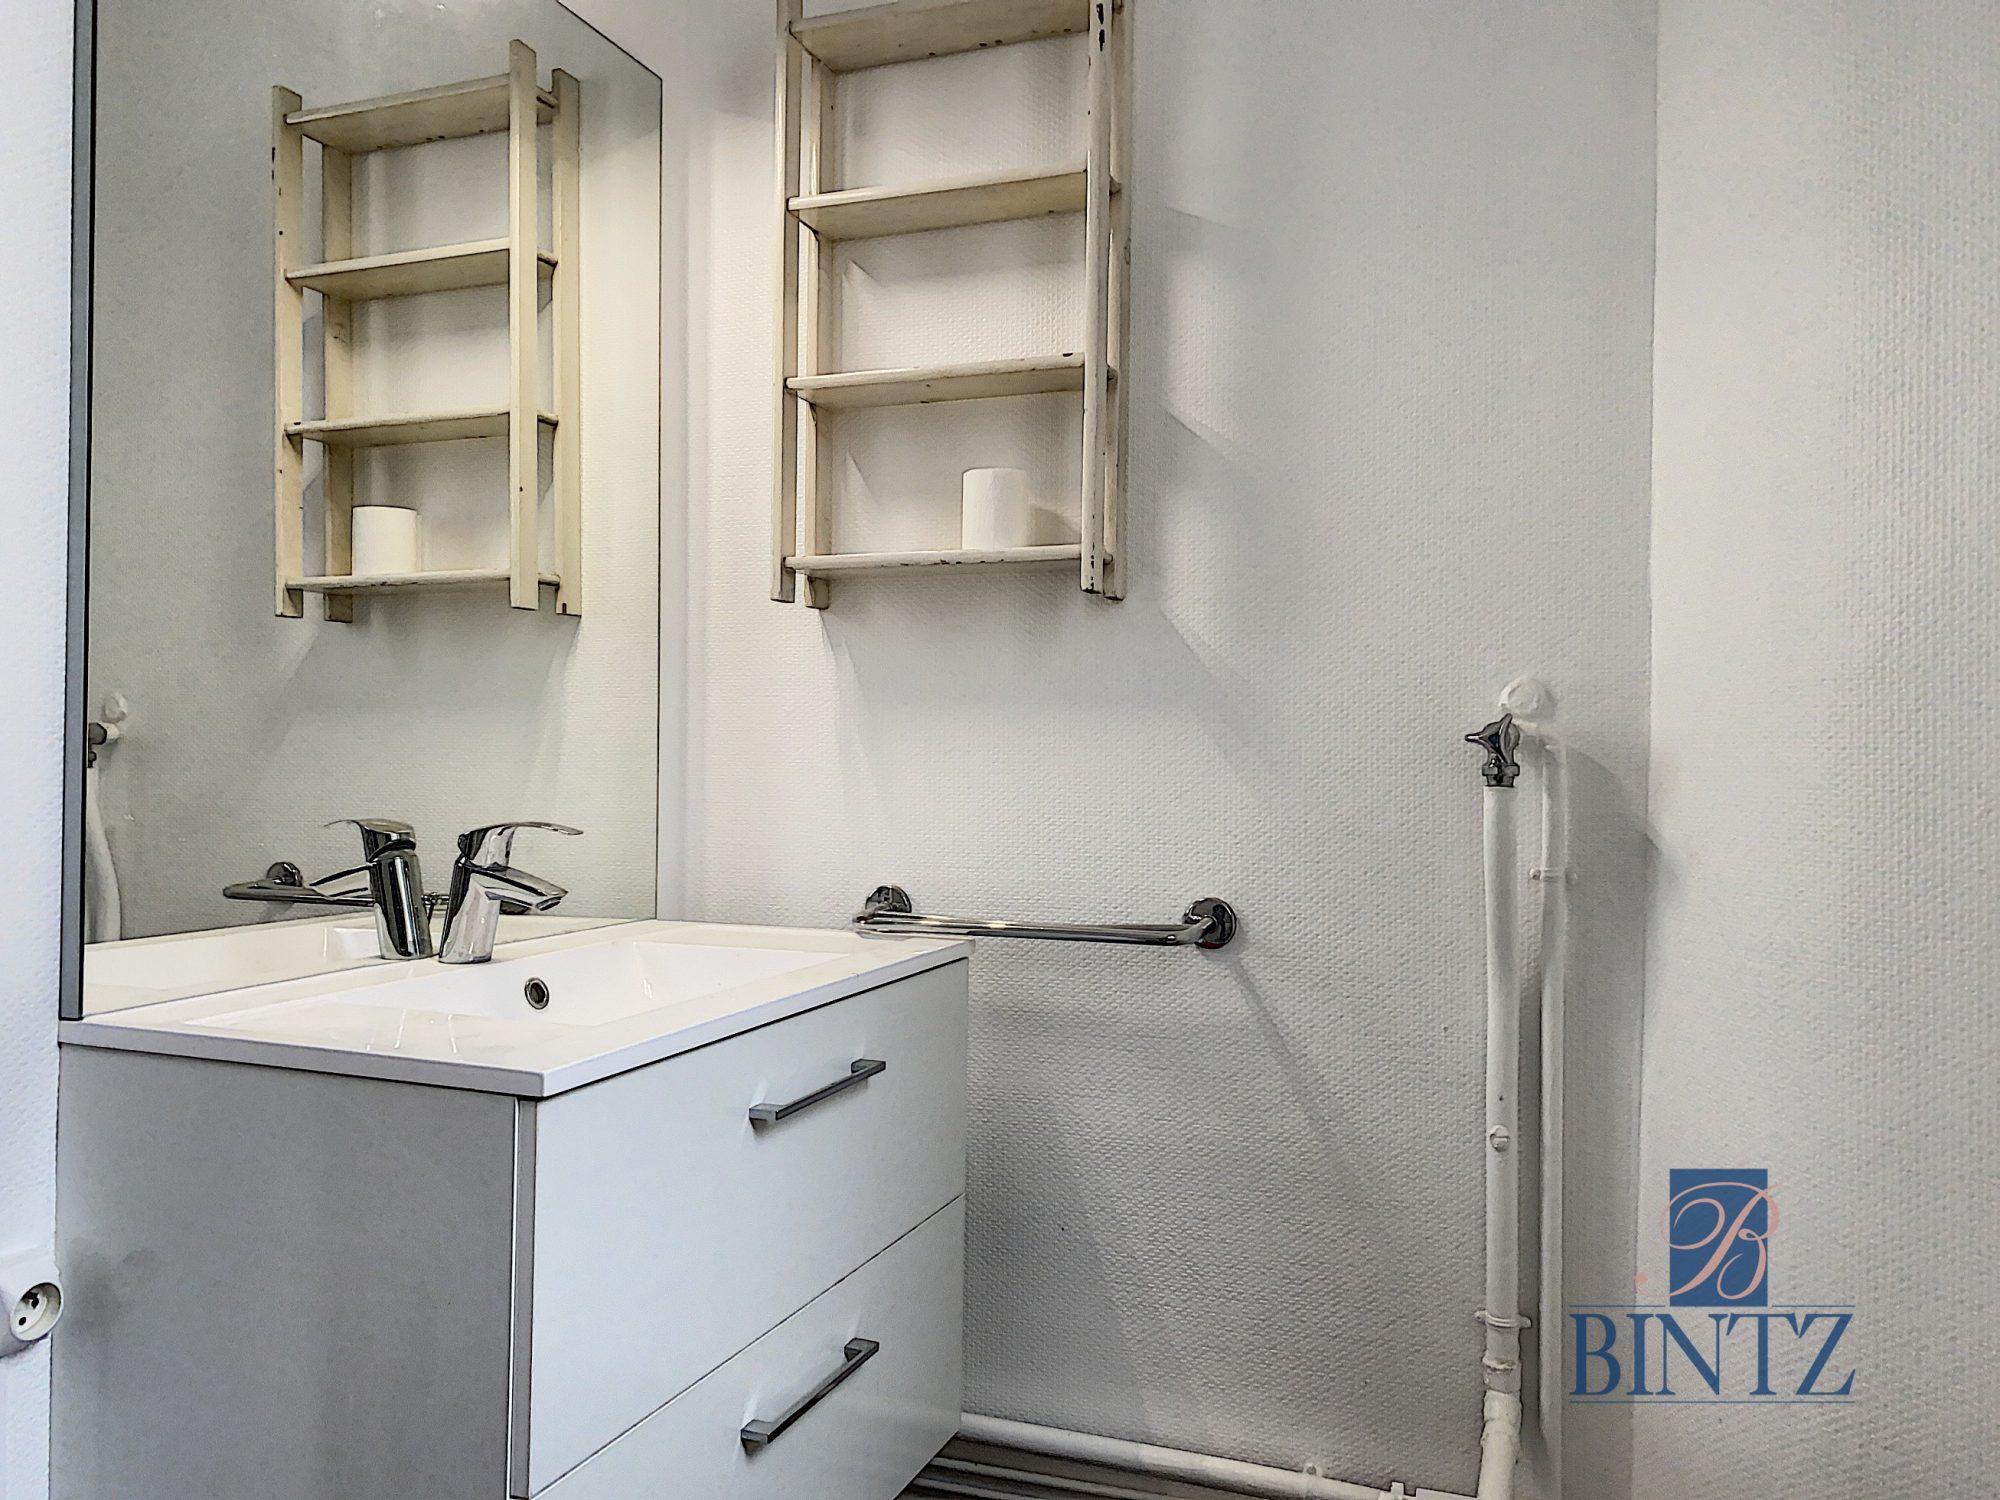 2 PIÈCES KRUTENAU - Devenez locataire en toute sérénité - Bintz Immobilier - 9